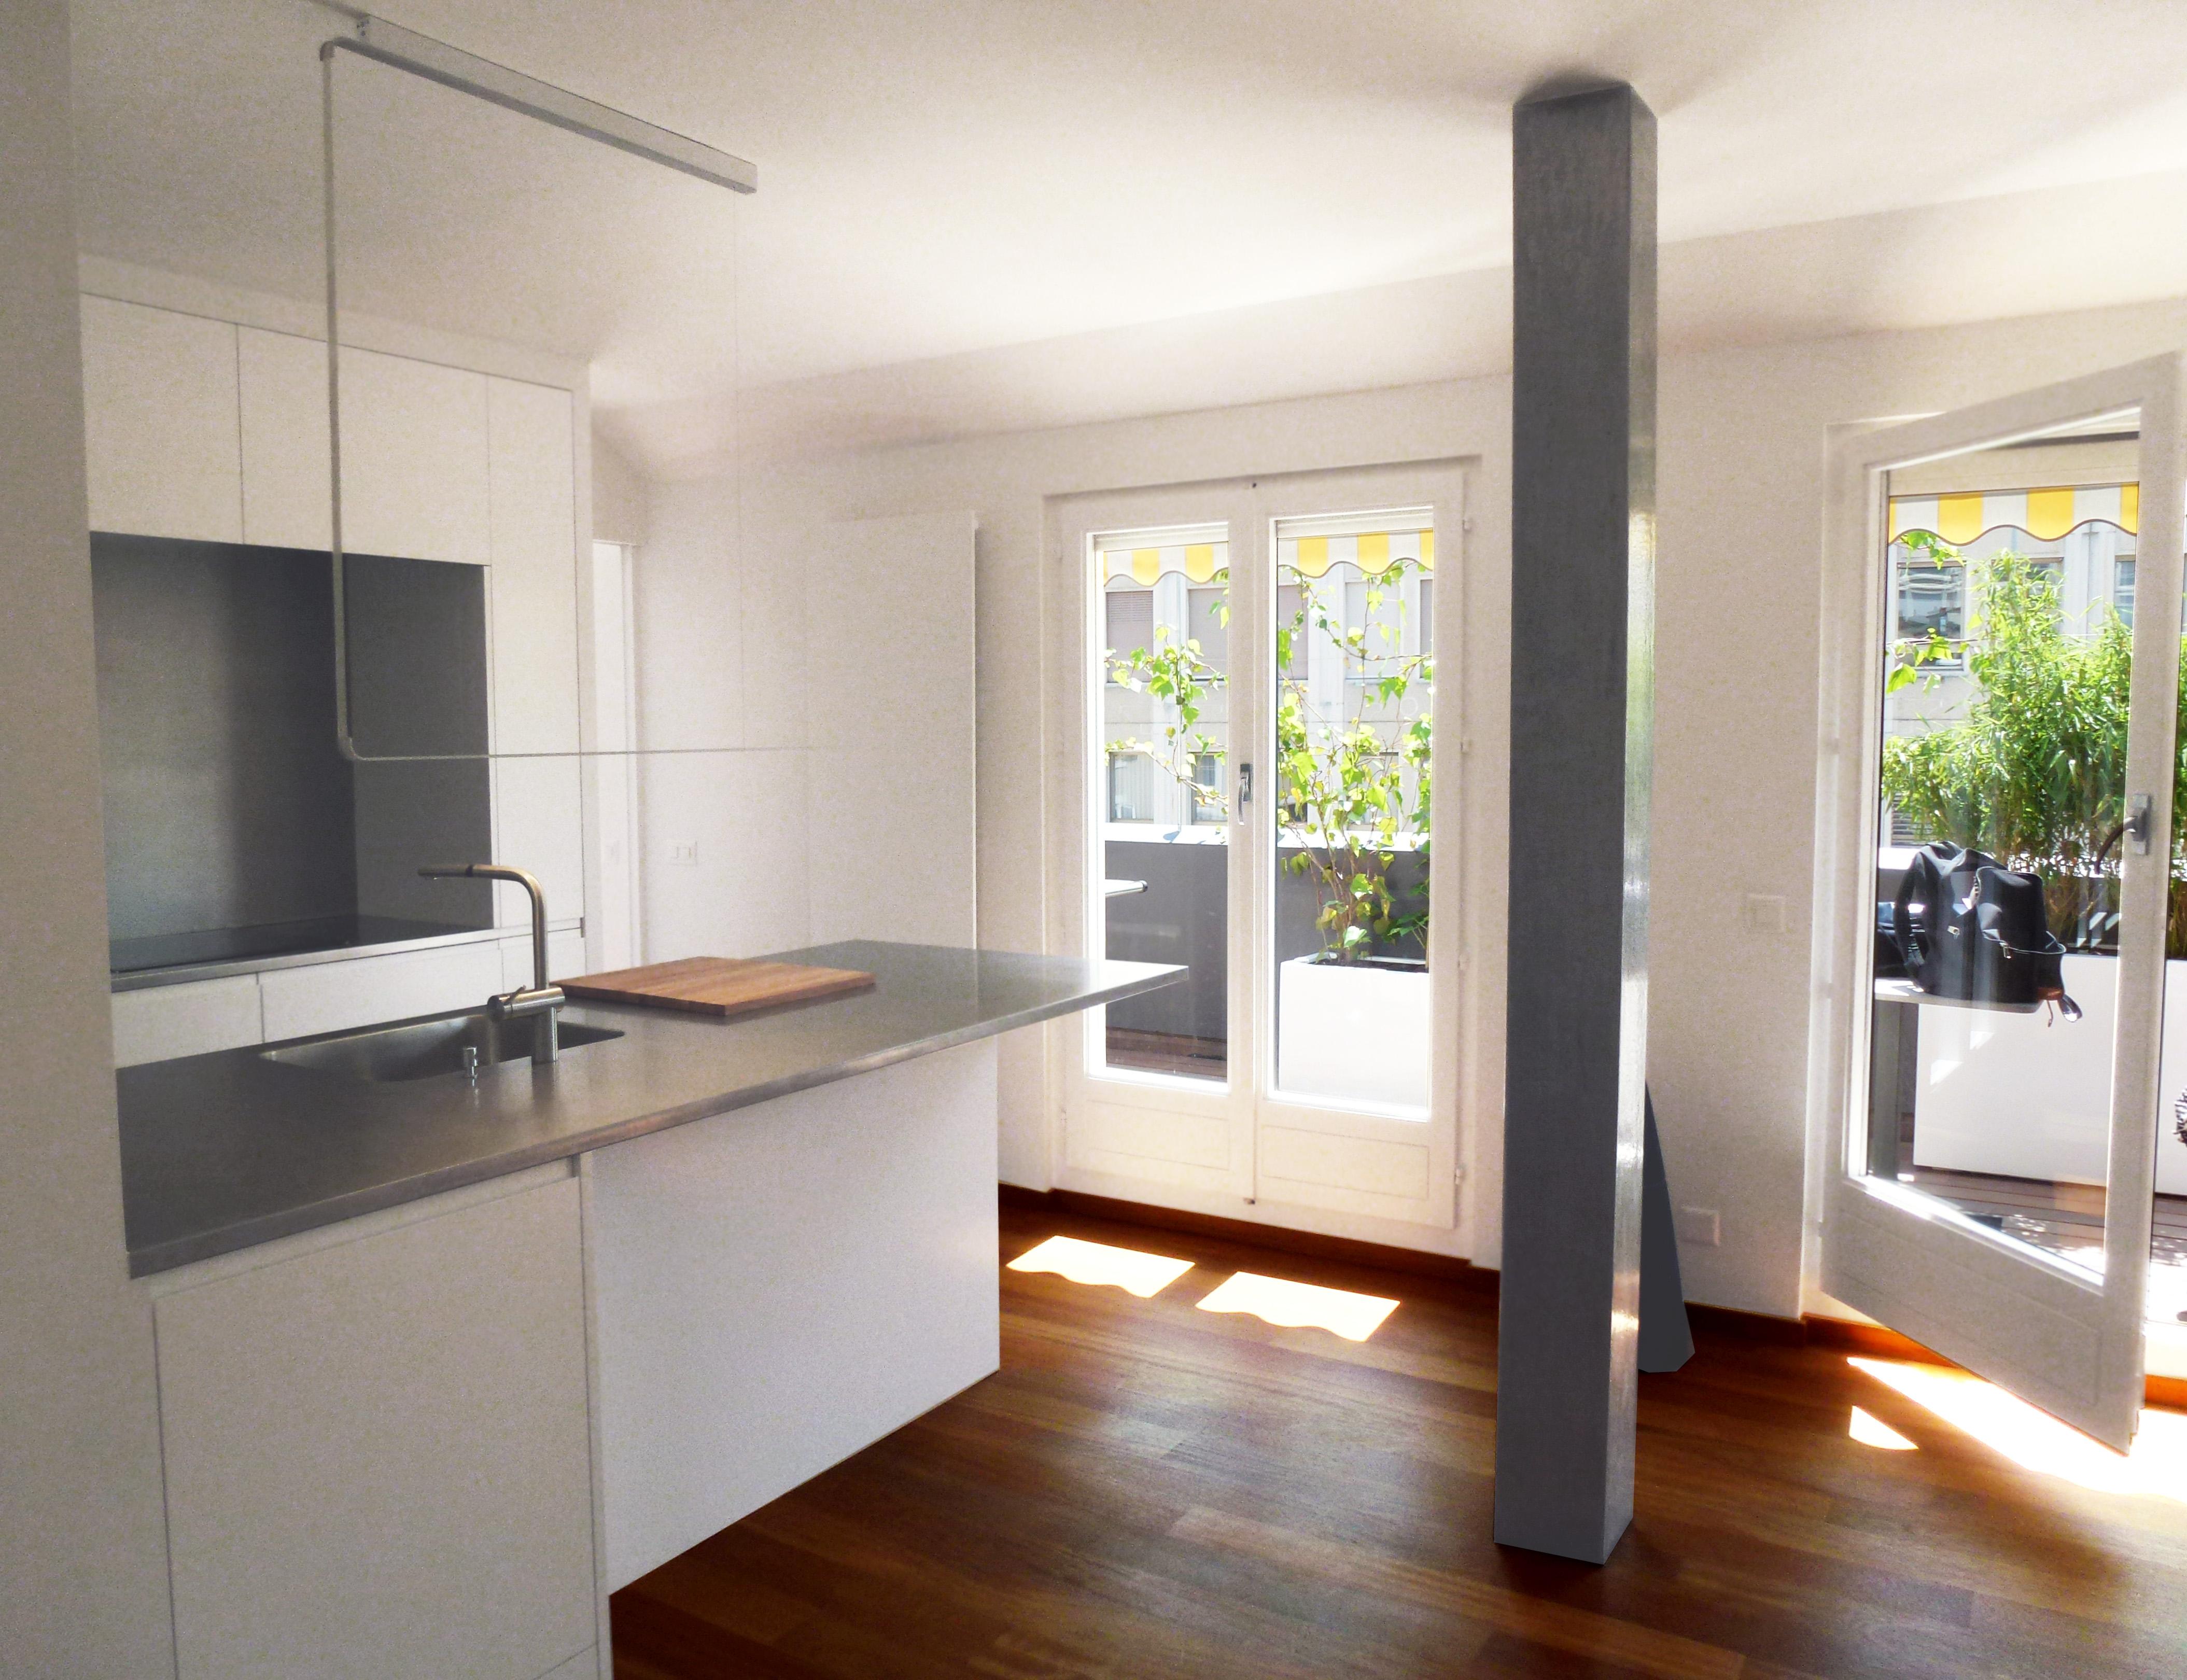 cuisine_séjour_terrasse